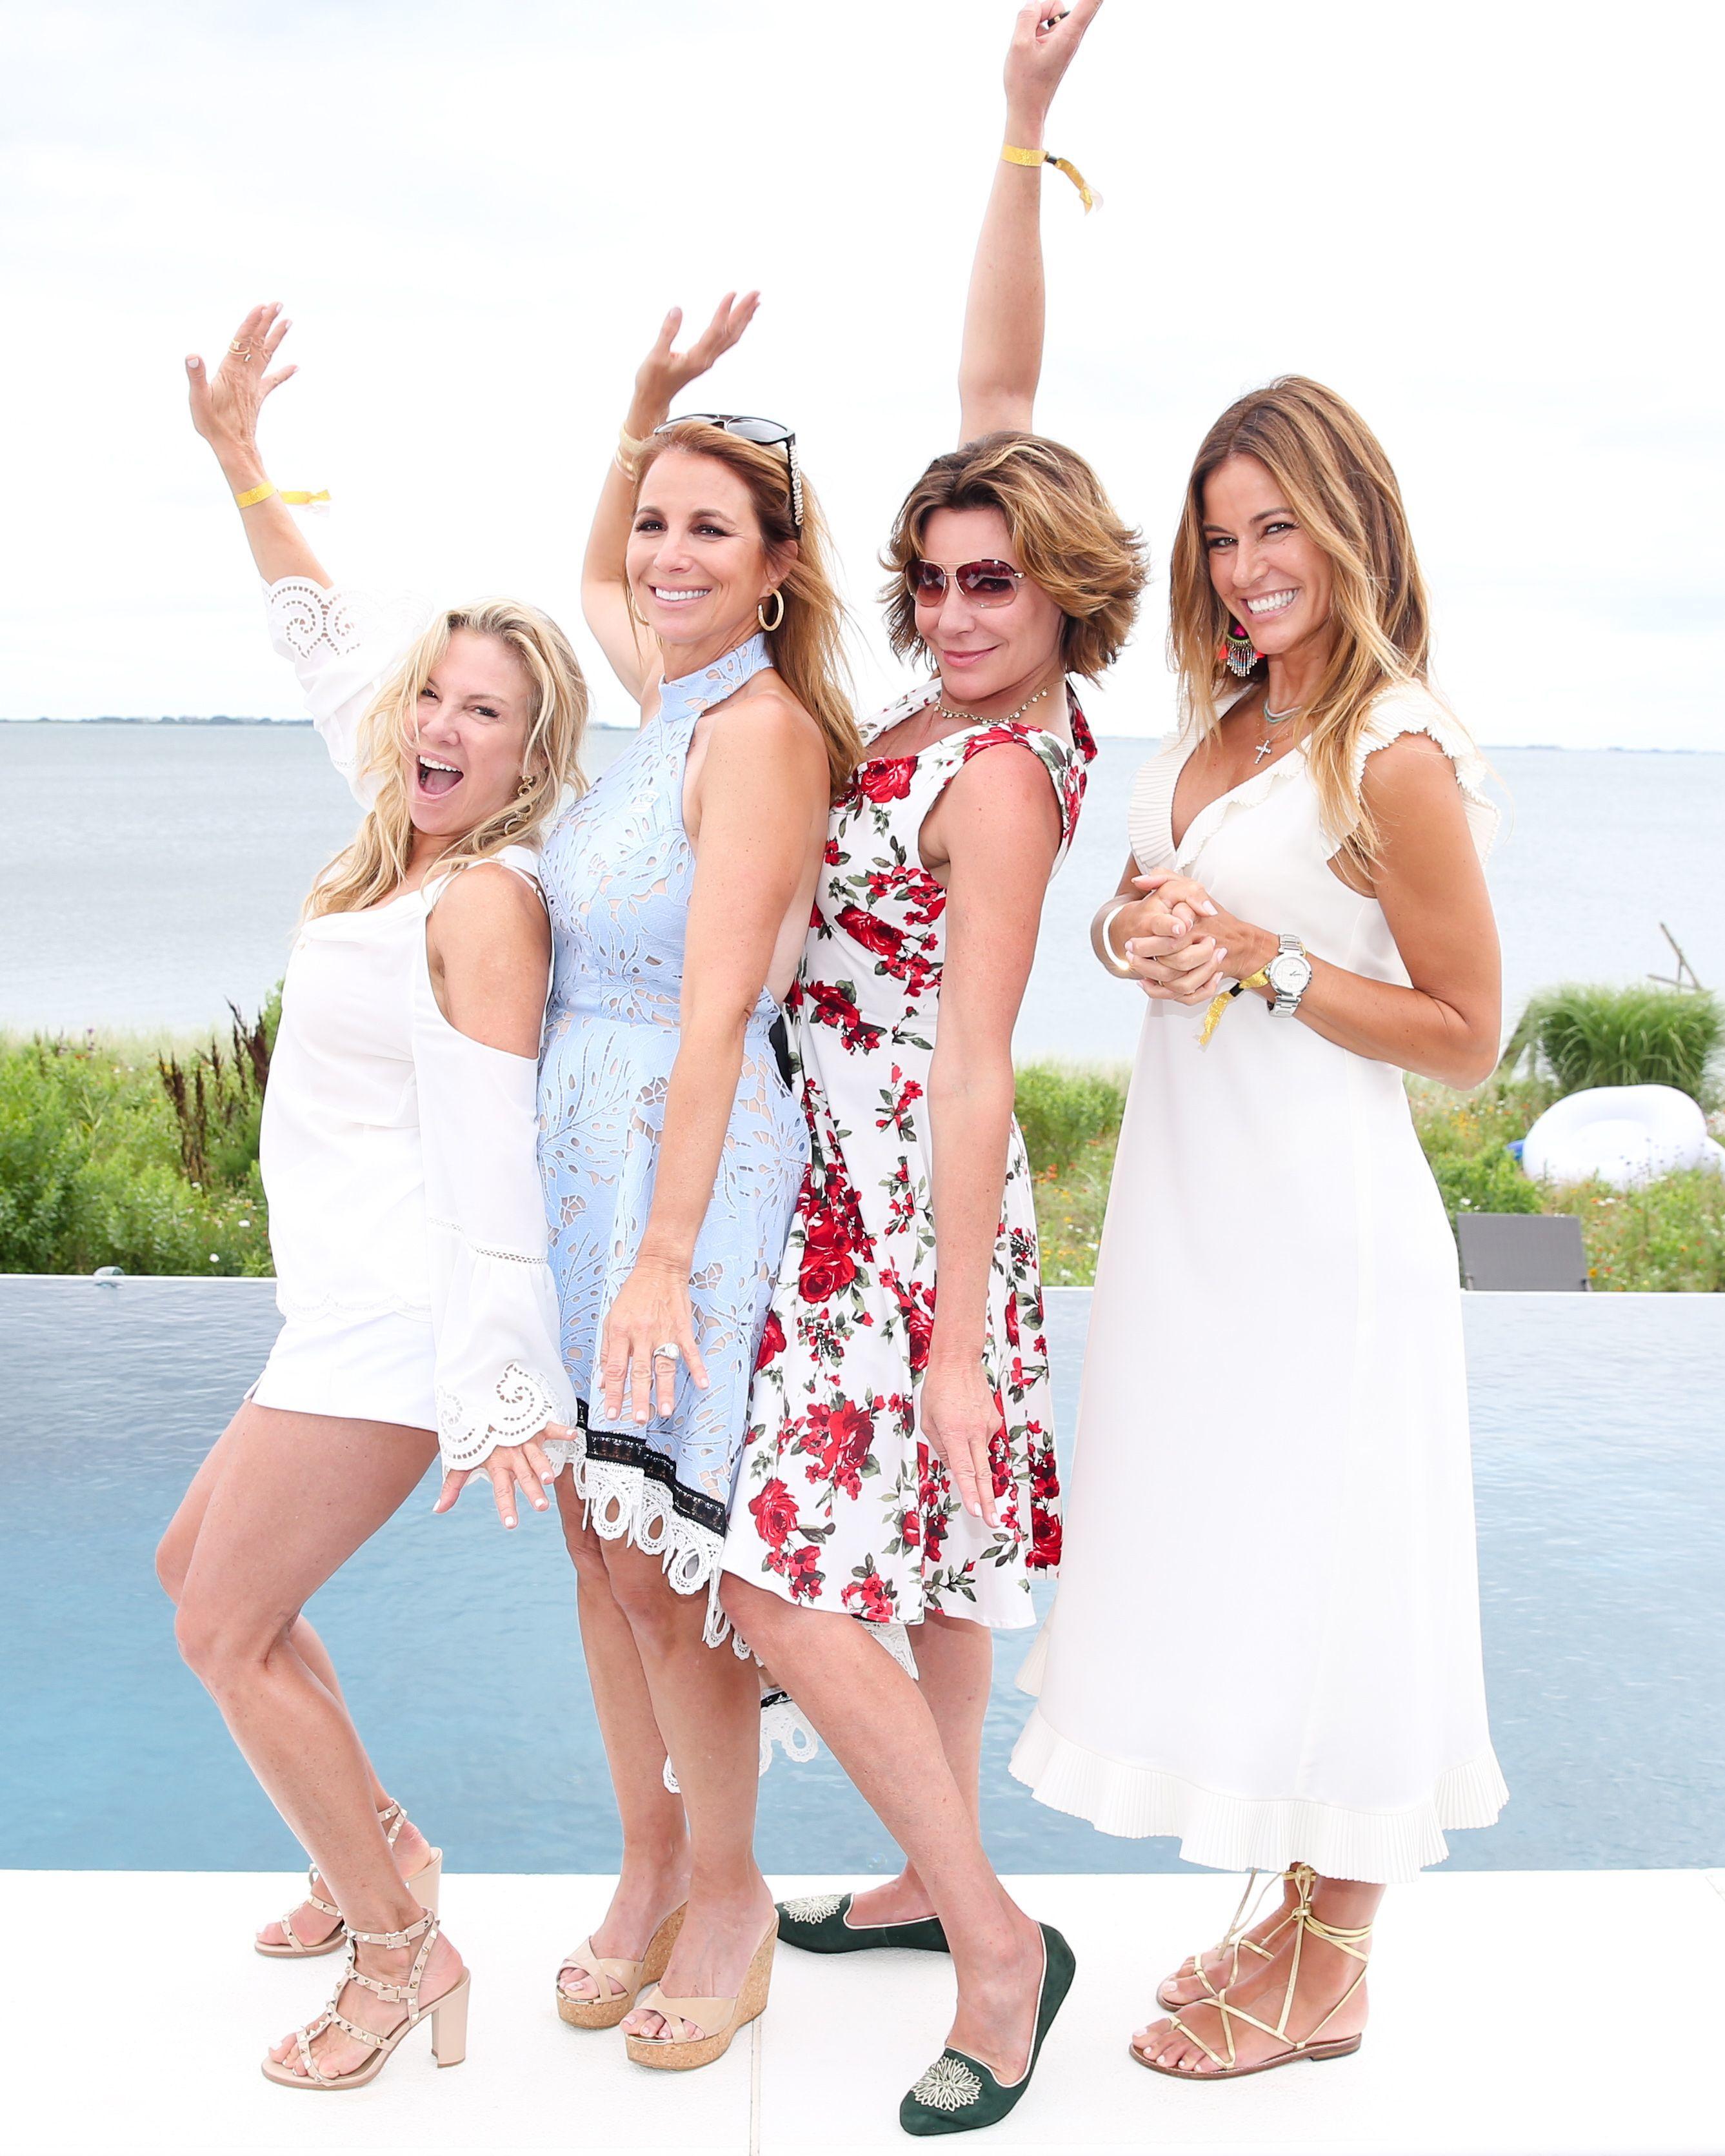 Ramona Singer, Jill Zarin, LuAnn de Lesseps, and Kelly Bensimon attend Jill Zarin's 5th Annual Luxury Luncheon in Southhampton on July 29, 2017.